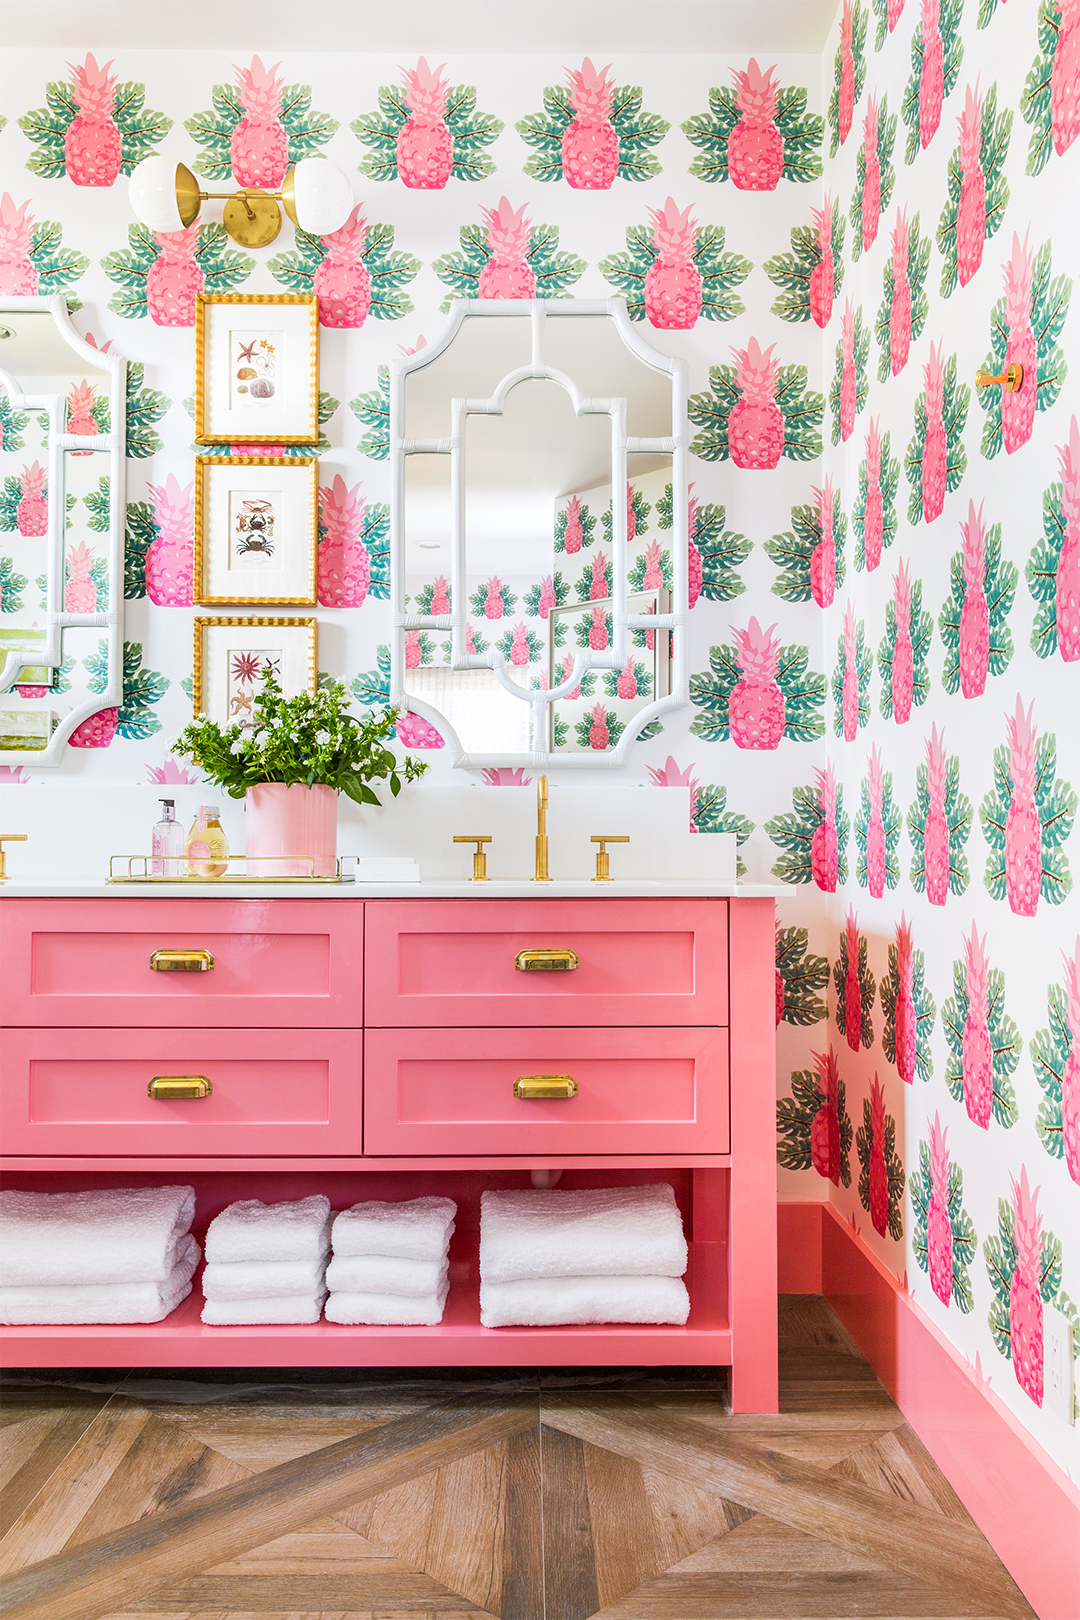 Những bí mật trang trí tường phòng tắm tạo nên không gian vui nhộn, đặc sắc - Ảnh 1.